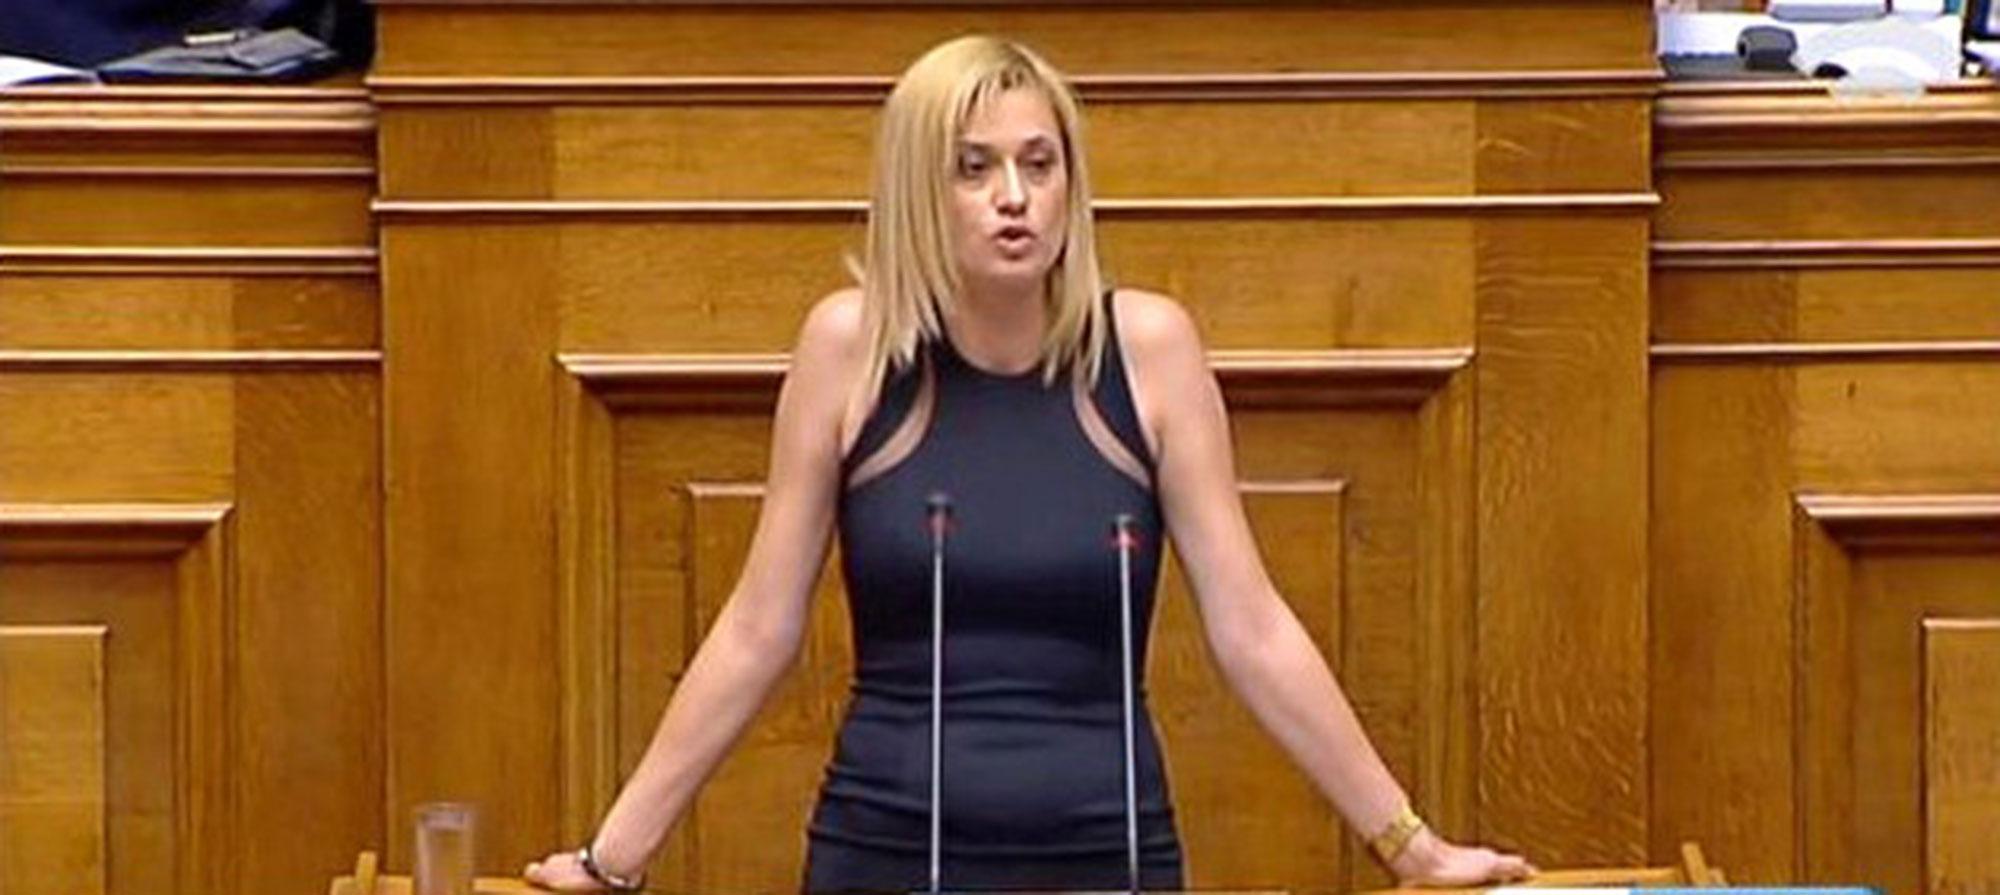 Ραχήλ Μακρή: «Έδωσαν 1 εκατ. ευρώ για ταινία της κόρης του Αντιπροέδρου της κυβέρνησης ΣΥΡΙΖΑ και σταμάτησαν τις ανασκαφές στην Αμφίπολη, για 1 εκατ. Ευρώ»